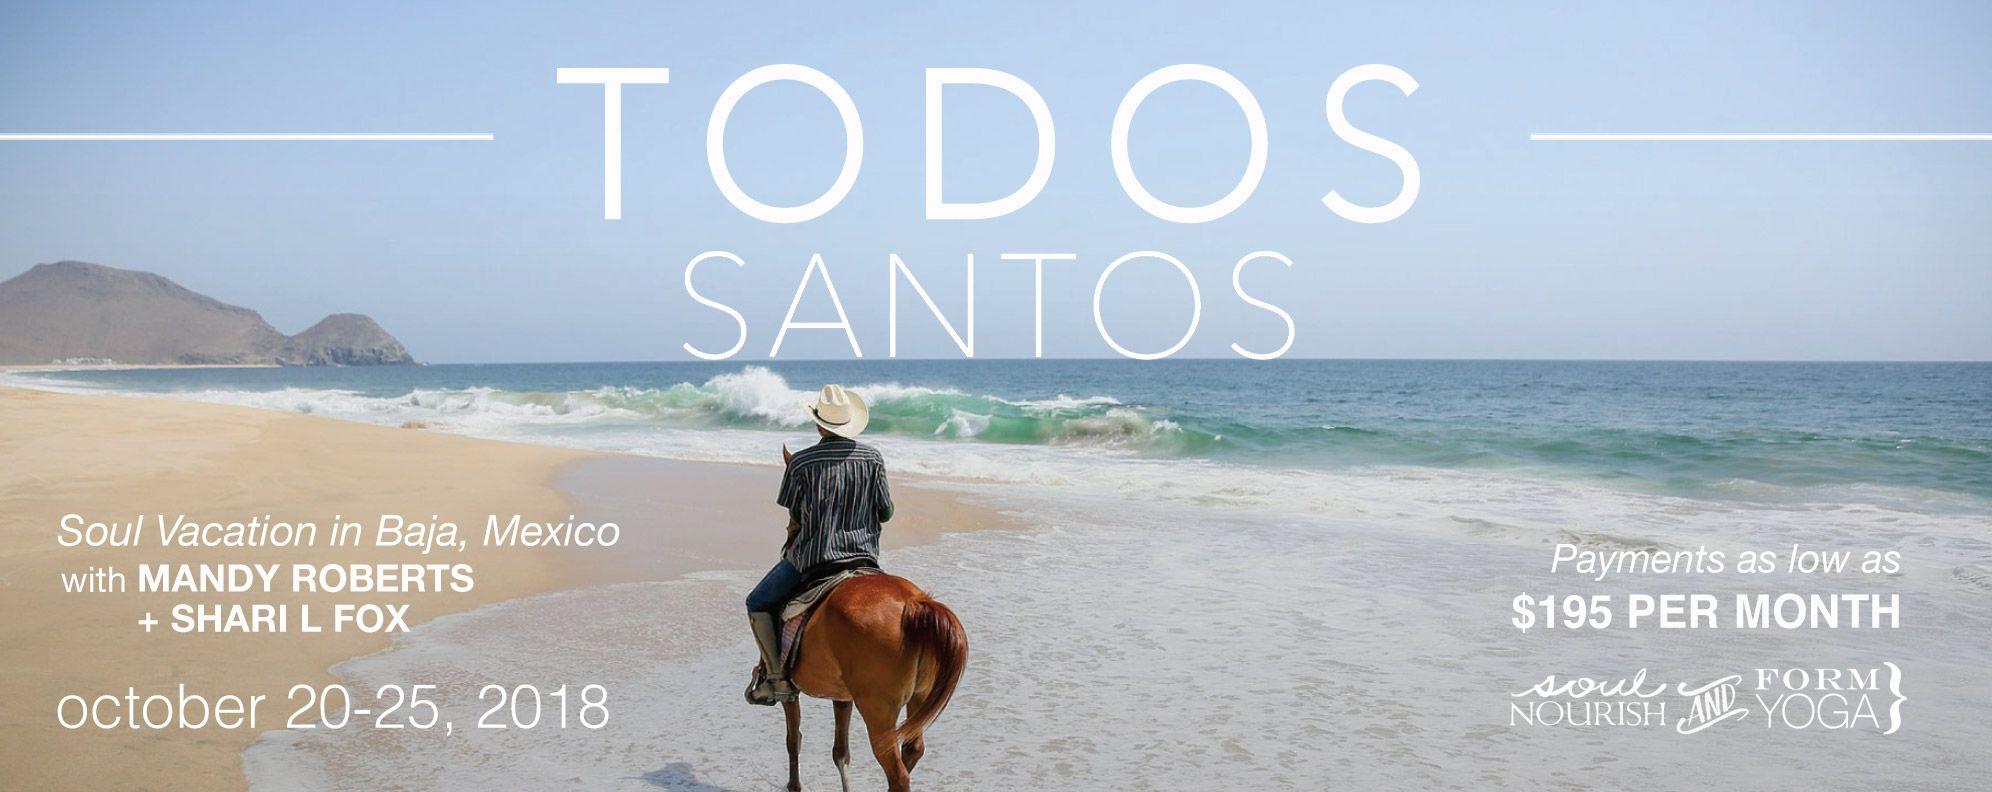 todos-santos-soul-vacation-mexico